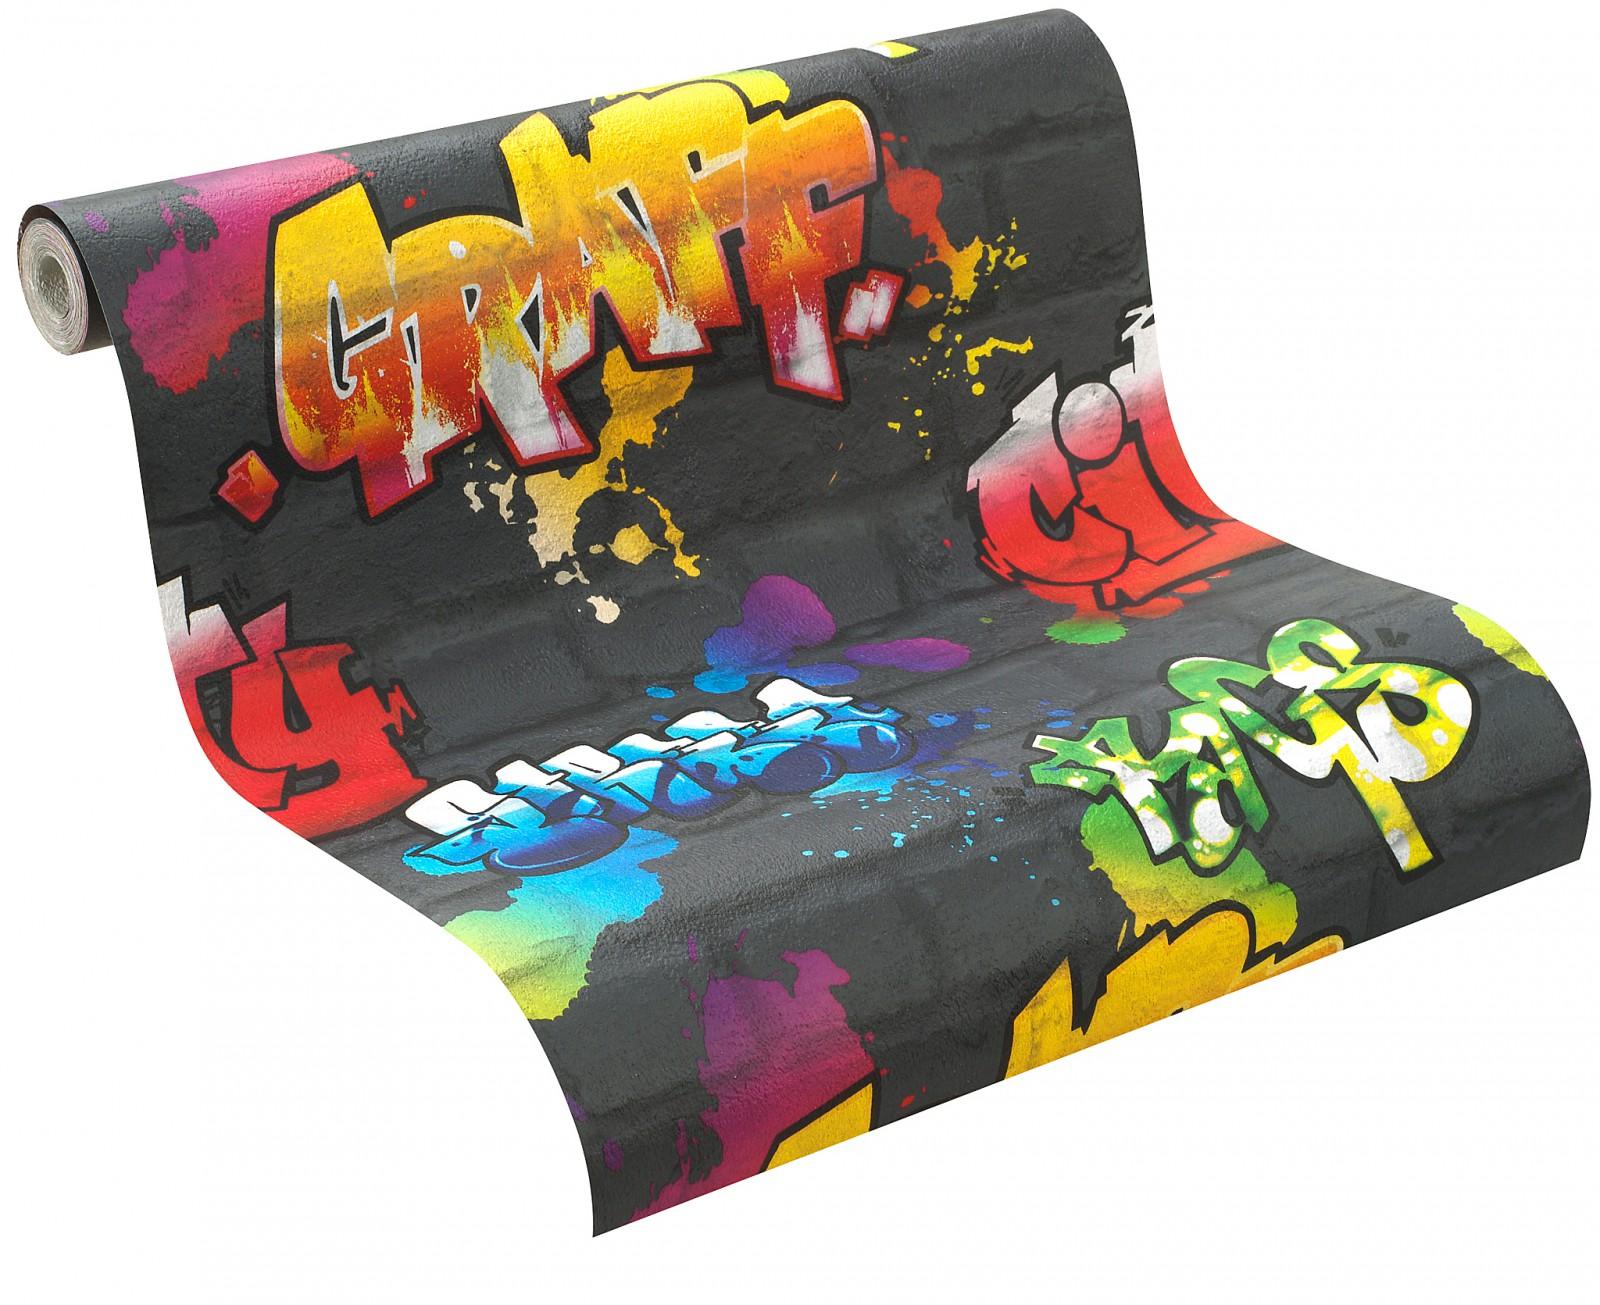 tapete rasch kids 39 club 237801 steine graffiti schwarz bunt. Black Bedroom Furniture Sets. Home Design Ideas